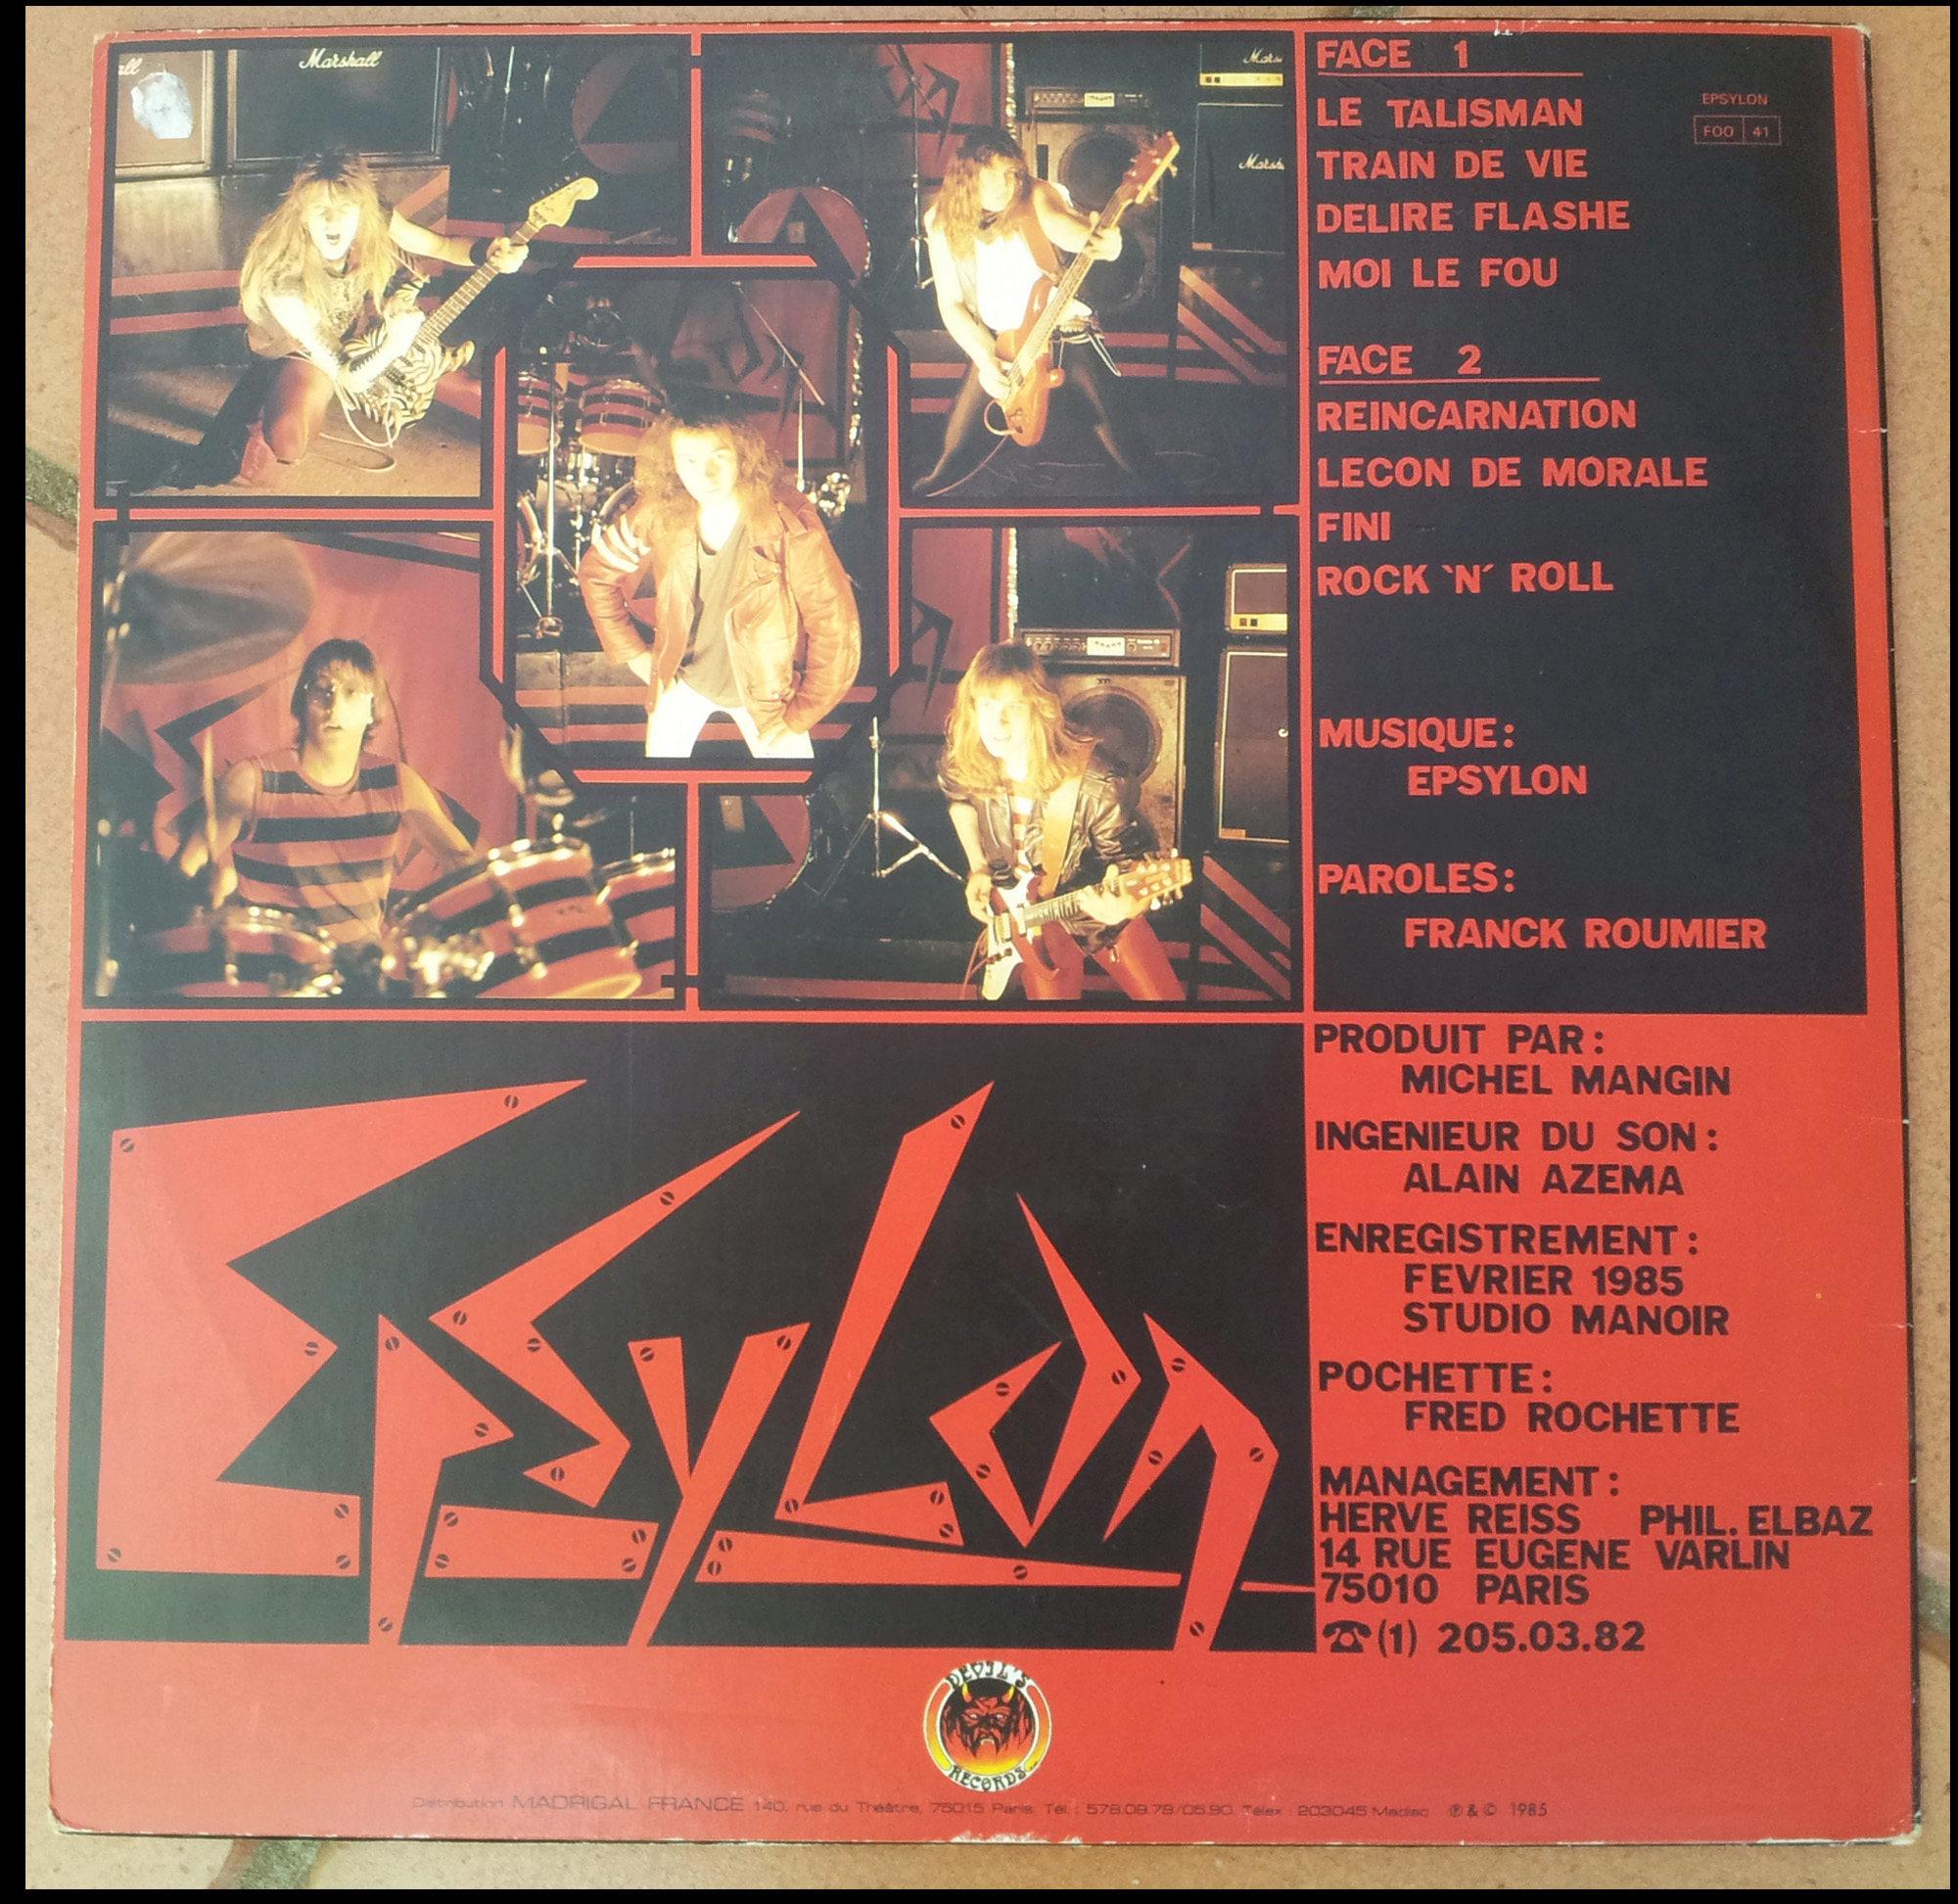 EPSYLON 1er album (1985) le vinyle vu de plus près ...   0710